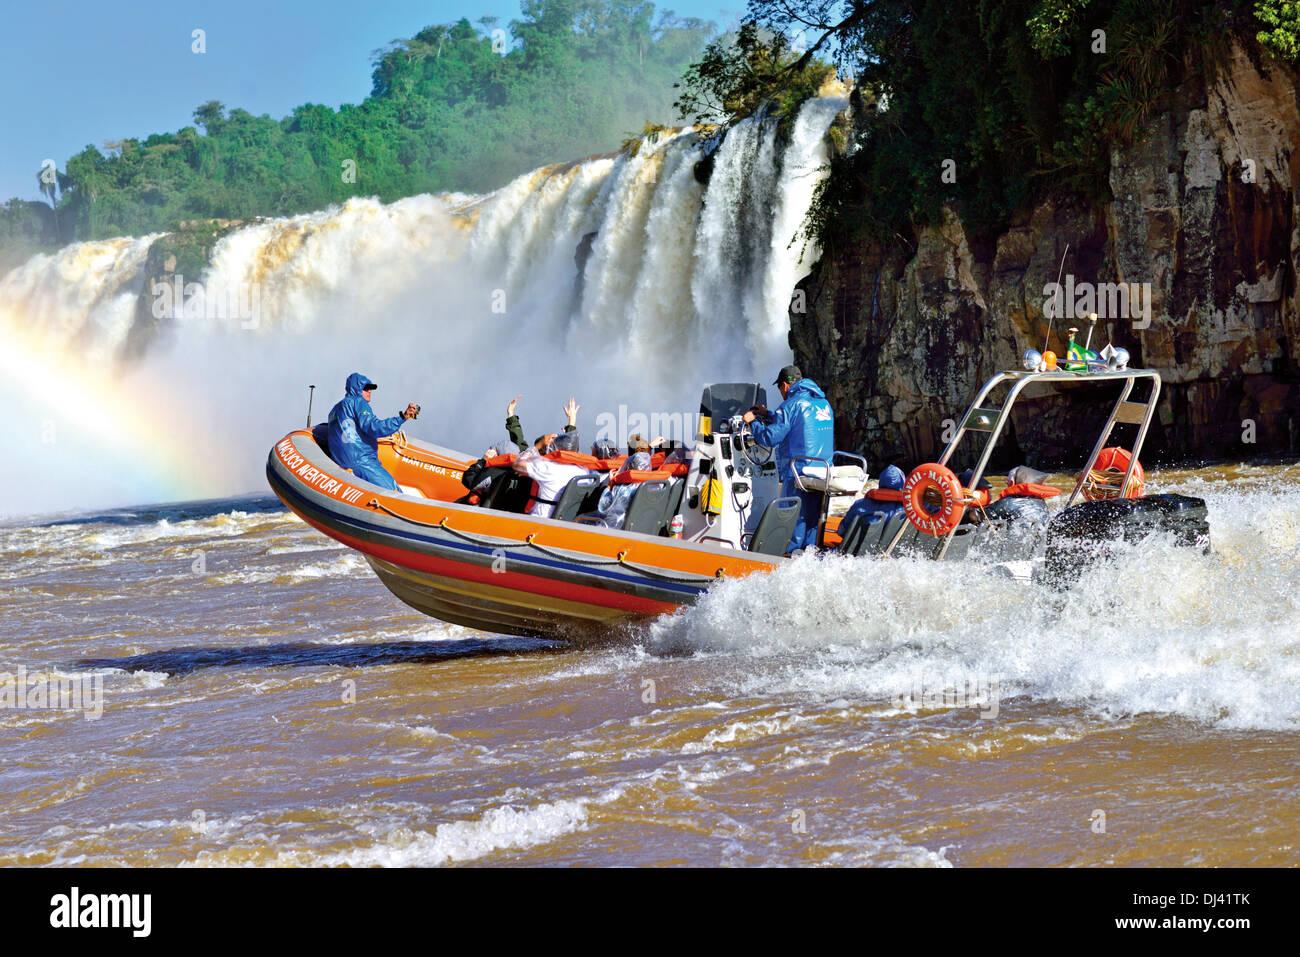 Brasil, el Parque Nacional Iguazú: viaje en barco con Safari Macuco Safari a la base de las Cataratas del Iguazú Imagen De Stock